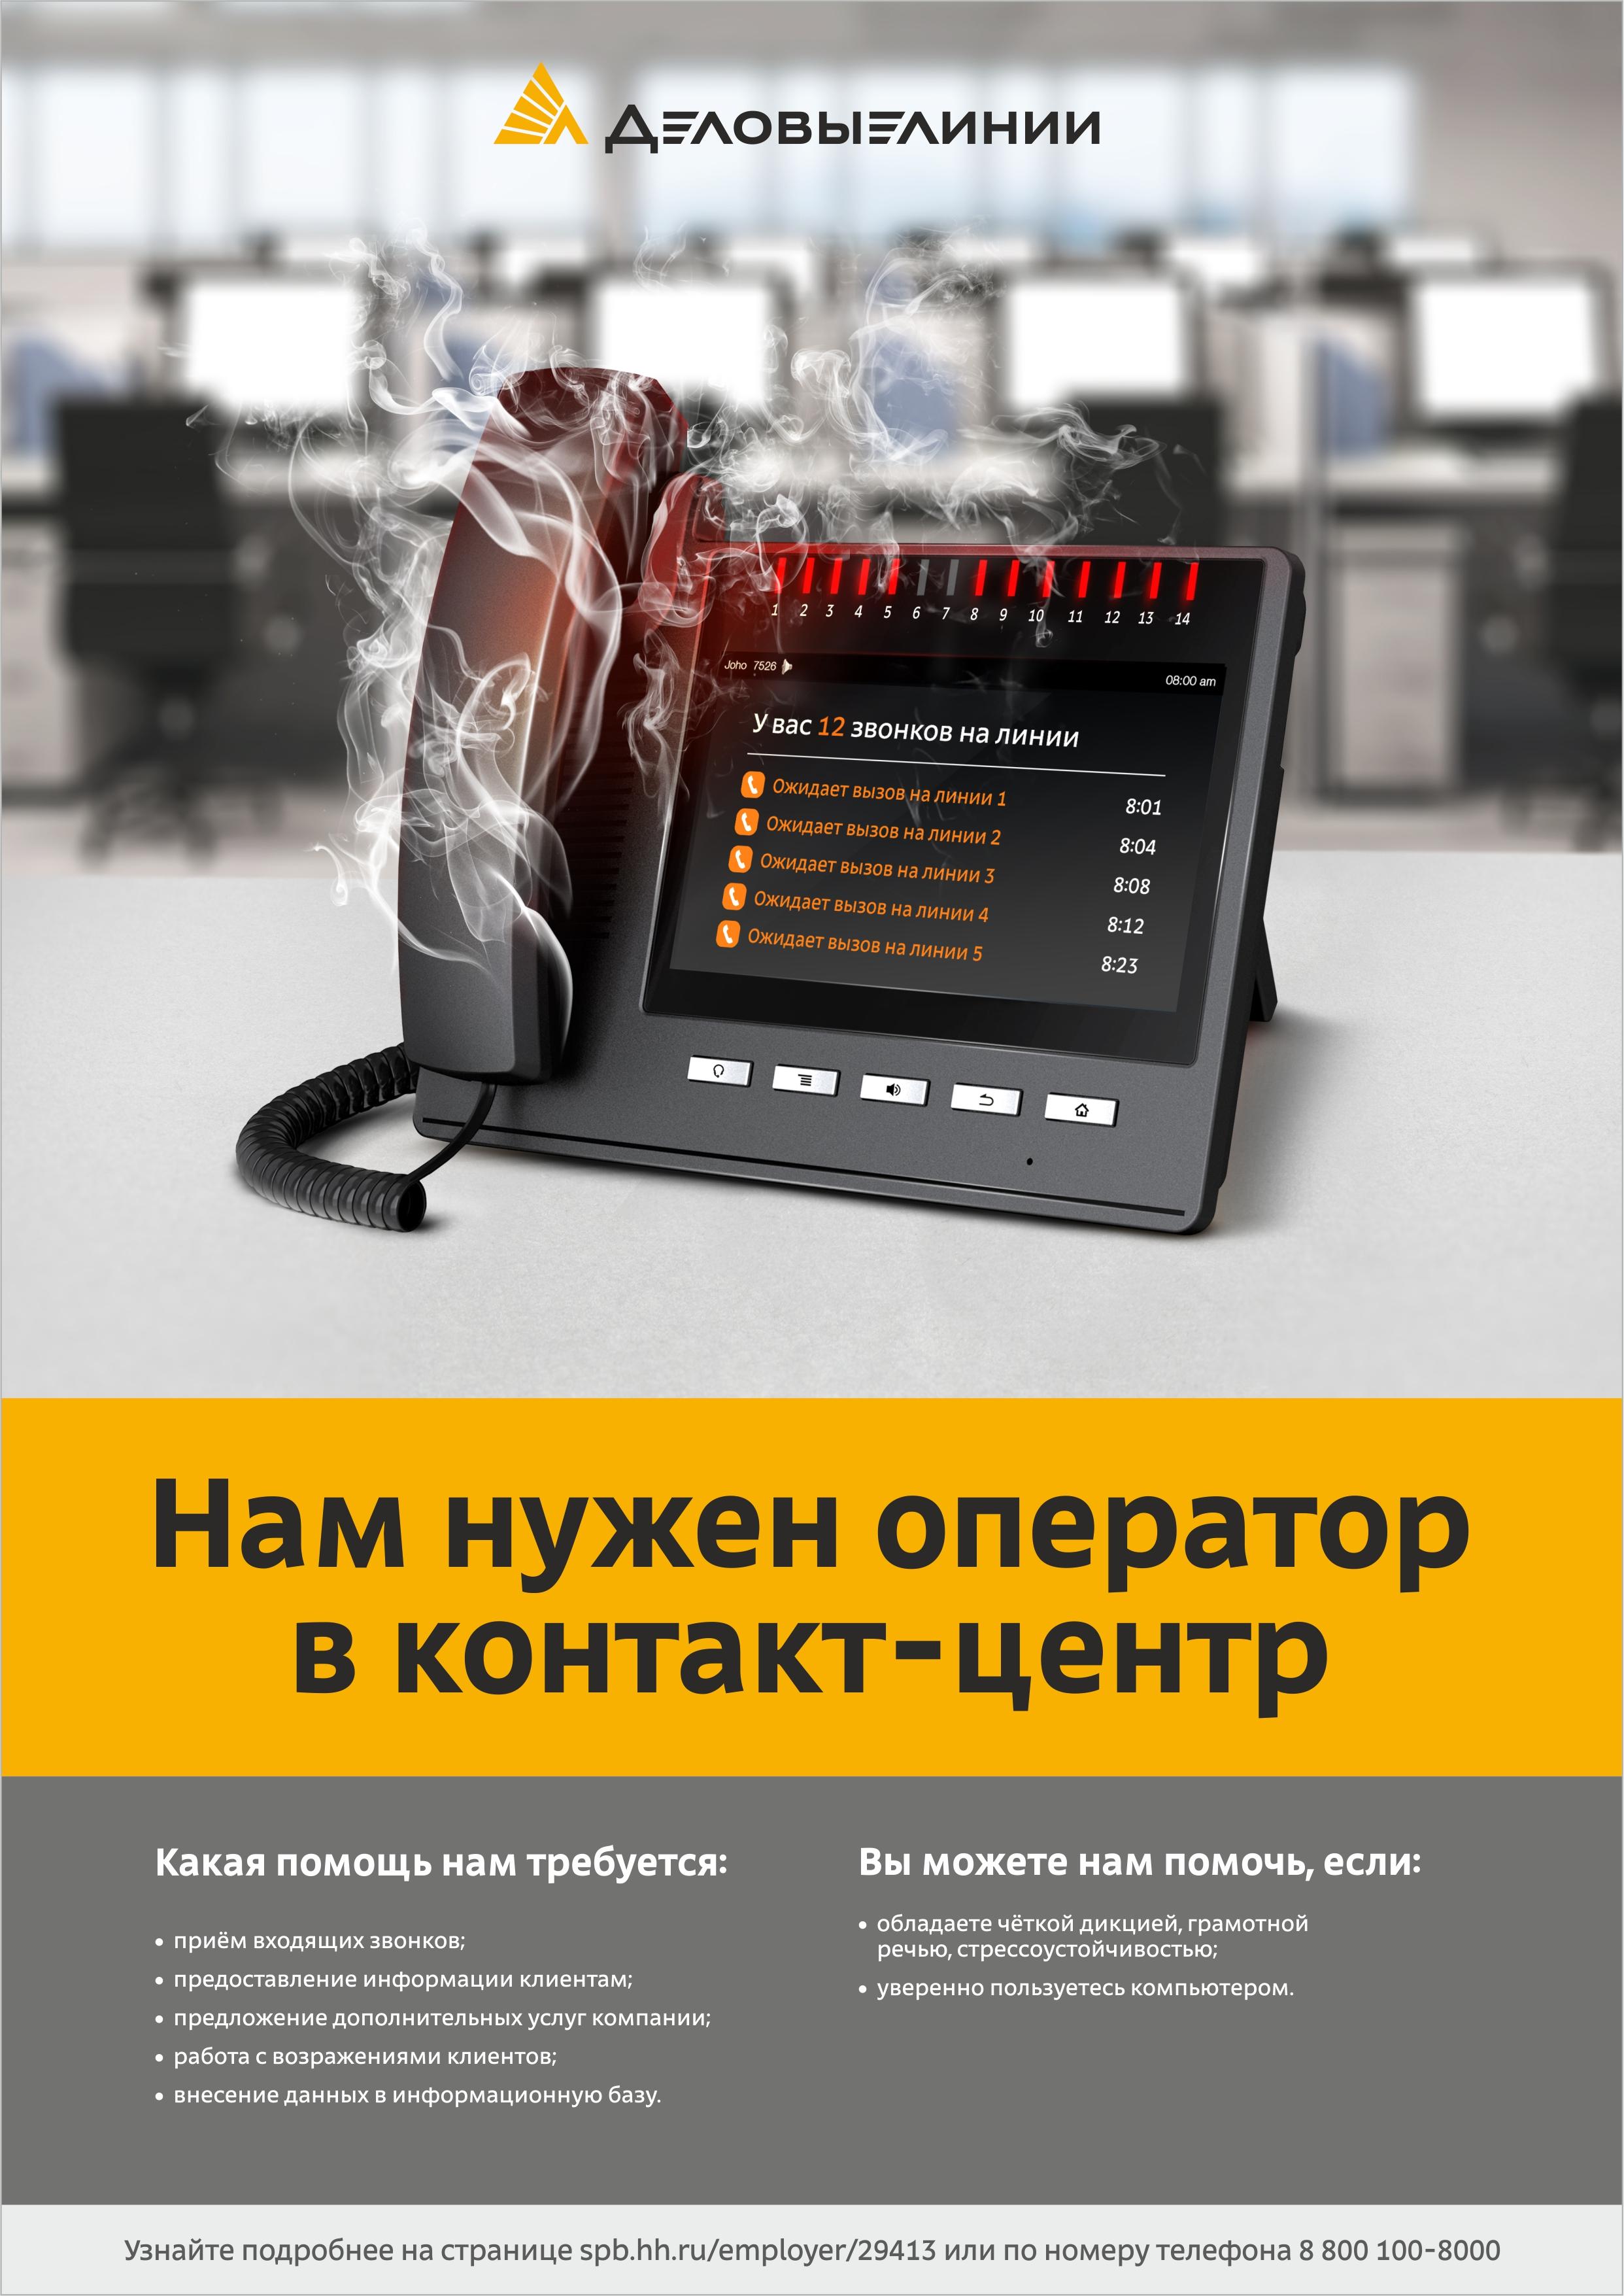 Листовка Деловые Линии «Нам нужен оператор в контакт-центр»